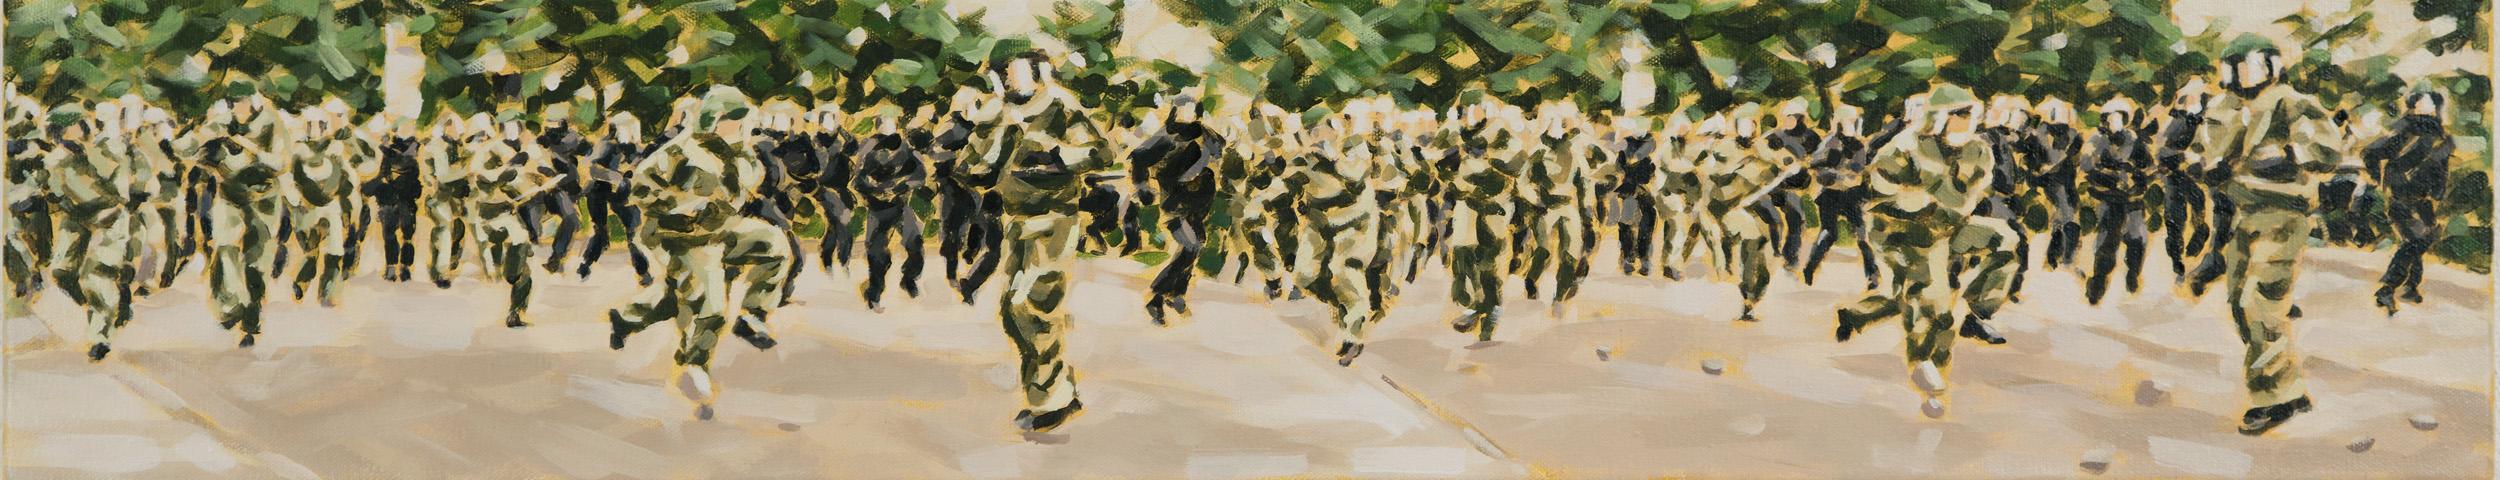 """""""Eskalation V, Rostock 2007"""", Öl auf Leinwand, 20 x 100 cm, 2015"""